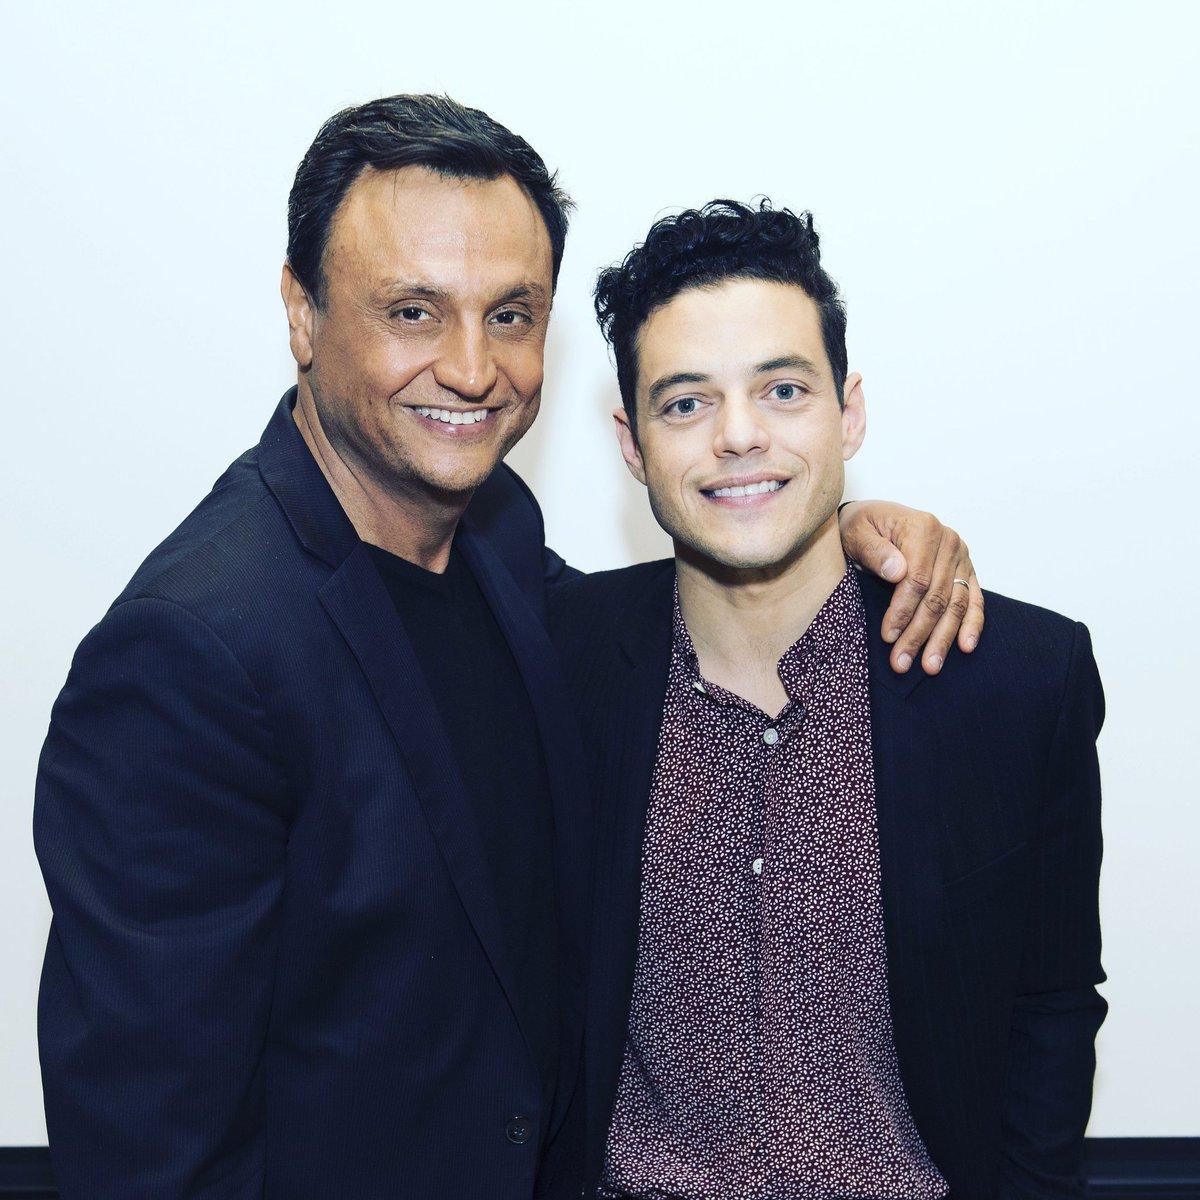 Quand Ramzy rencontre Rami. RDV samedi 20h40 pour une spéciale Buzz When Ramzy met Rami #Oscars #buzz #BohemianRhapsodyMovie #Ramimalek